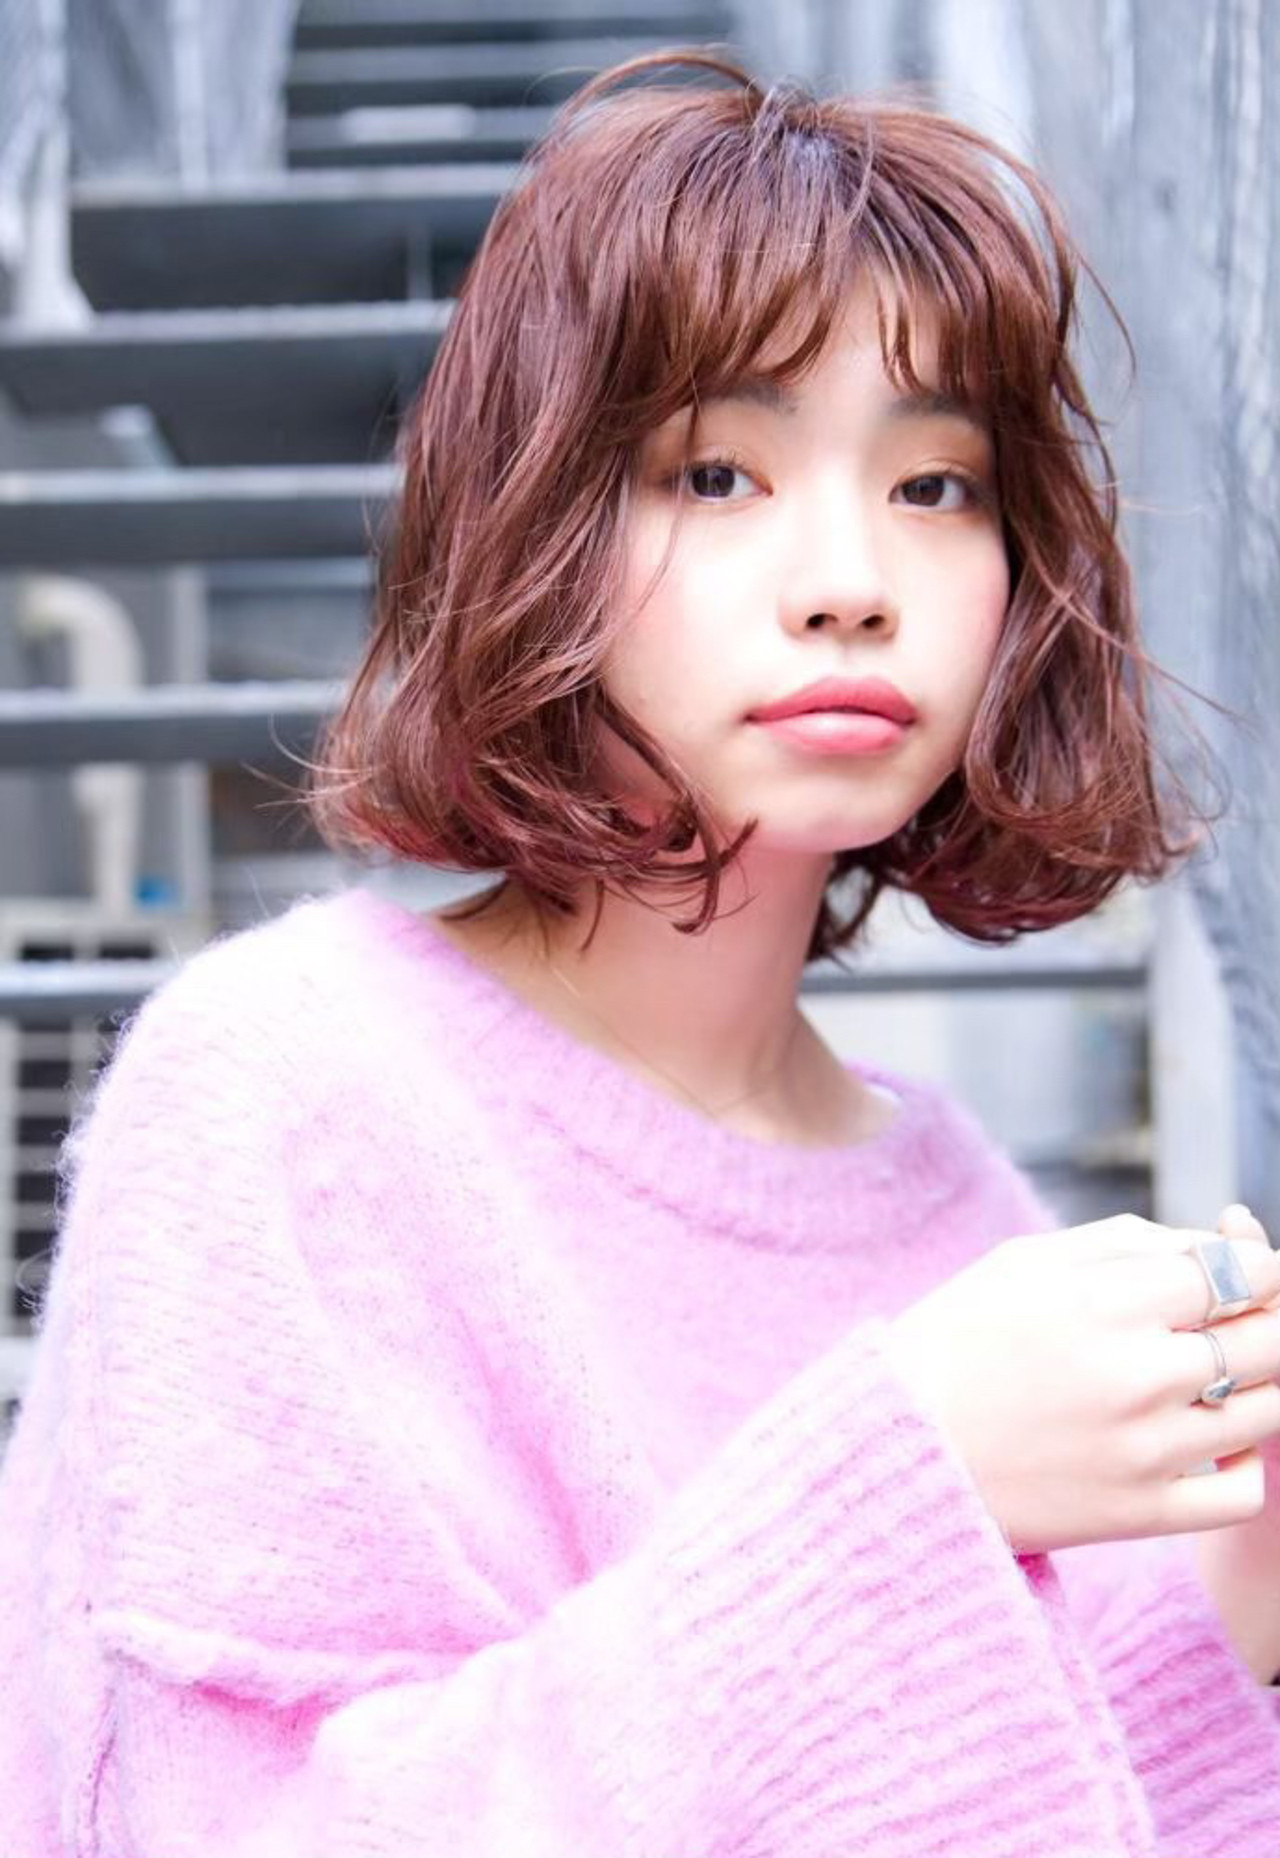 ピンク ゆるふわ ミディアム ロブ ヘアスタイルや髪型の写真・画像